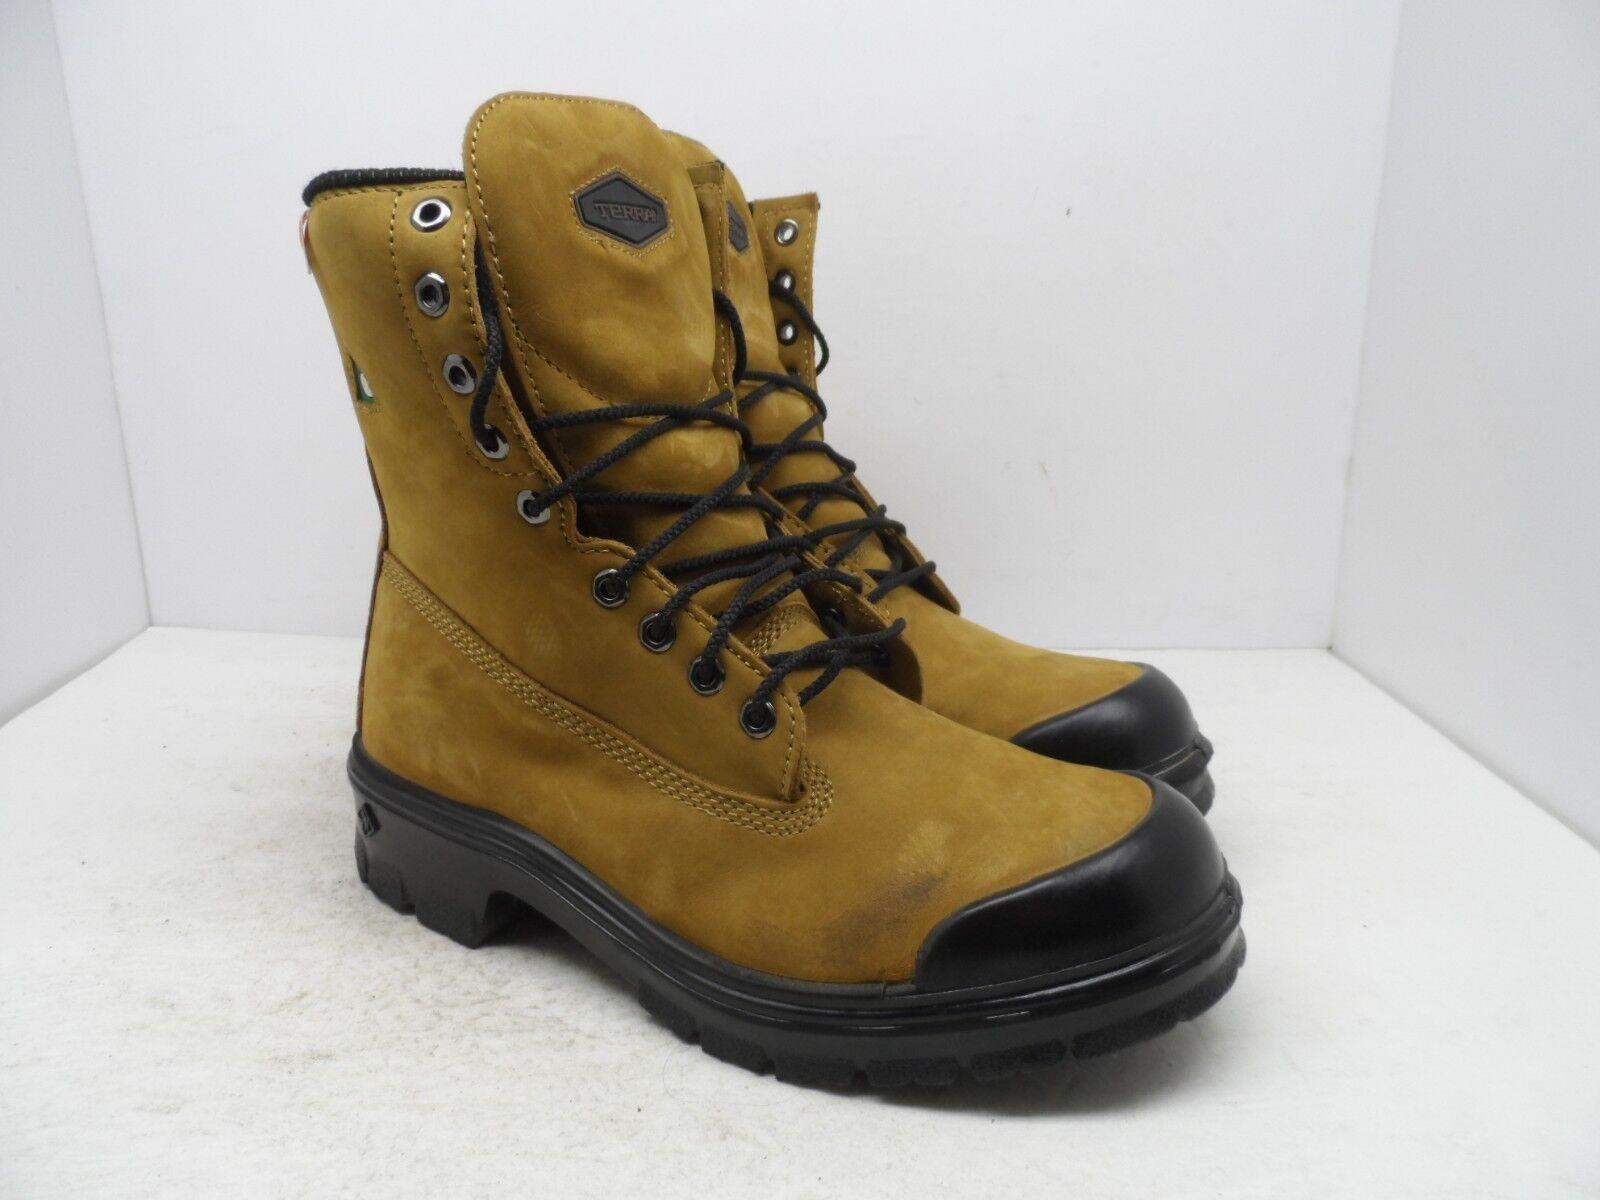 Terra Men's 8  Sentry Steel Toe Steel Plate Work Boots Tan Size 9M